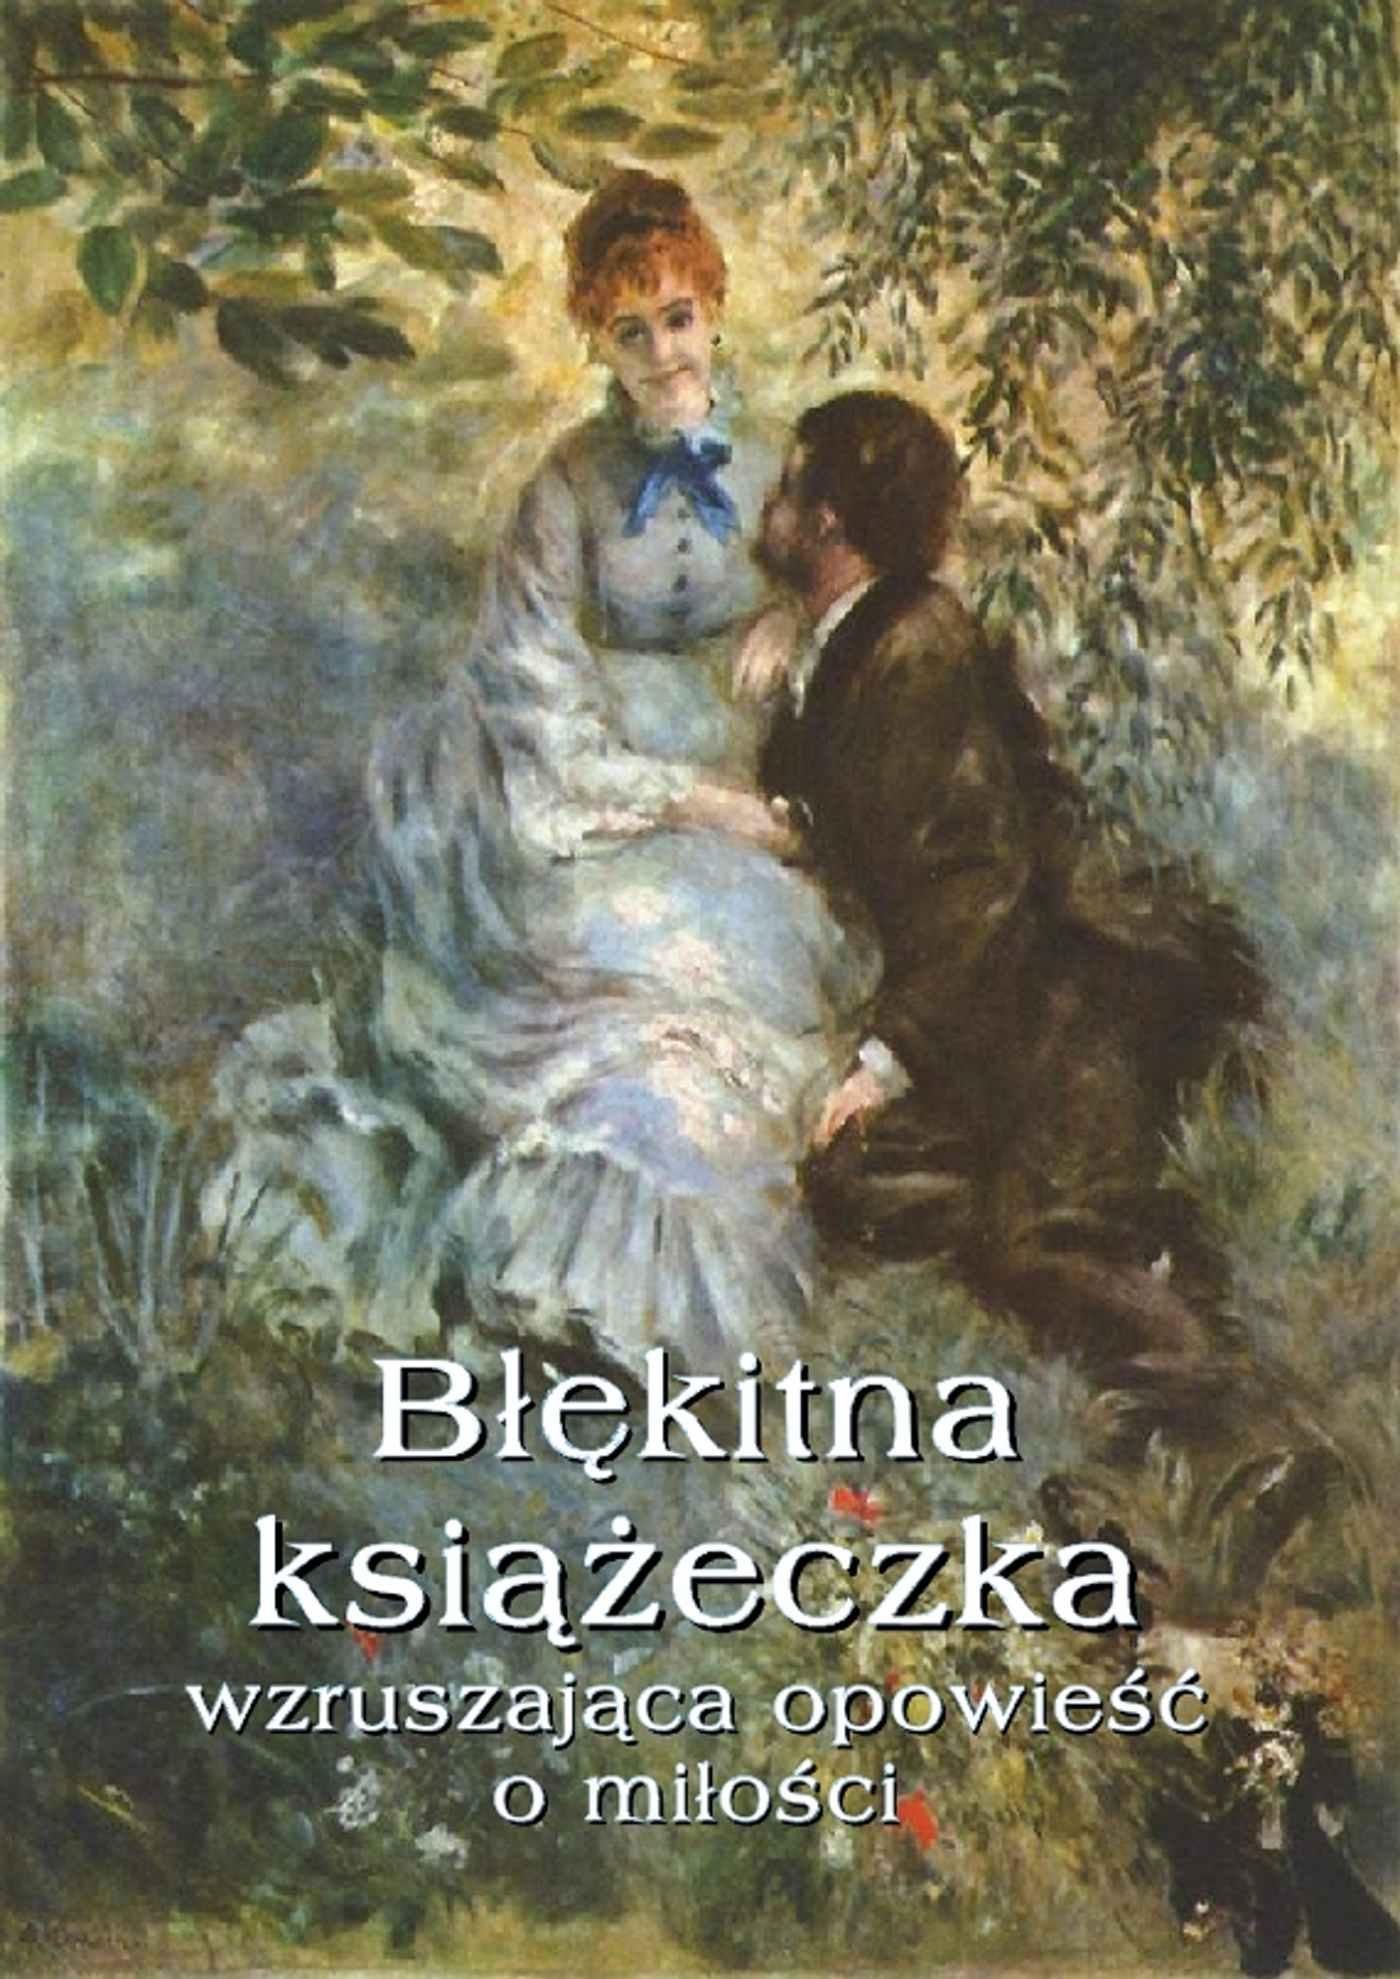 Błękitna książeczka.  Wzruszająca opowieść o miłości - Ebook (Książka EPUB) do pobrania w formacie EPUB